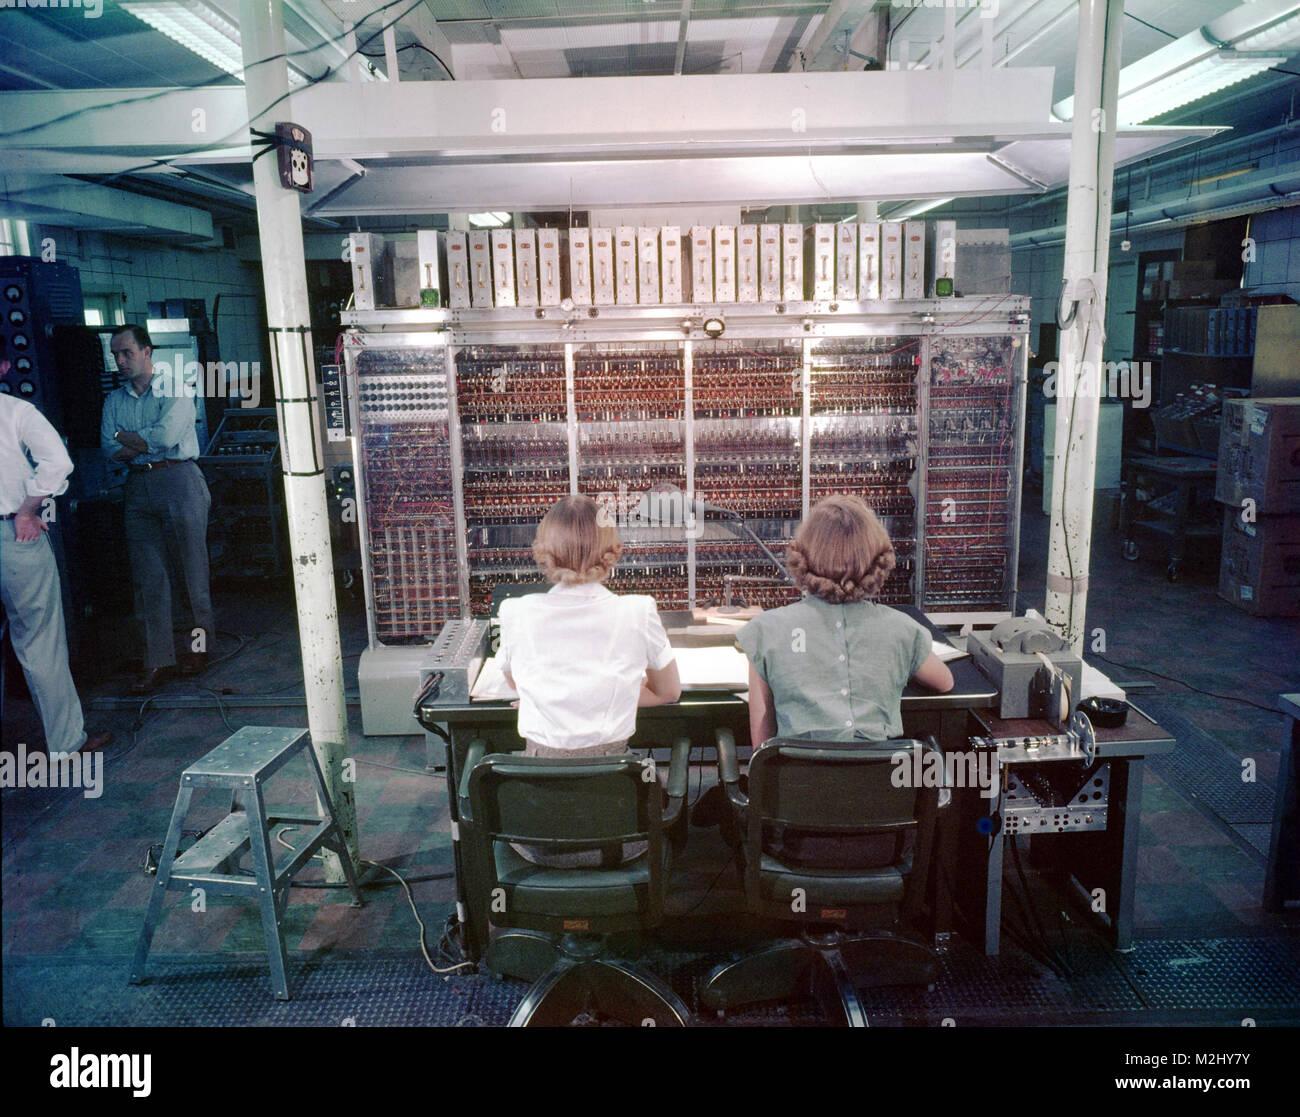 MANIAC-I, Vacuum Tube Computer, 1952 - Stock Image